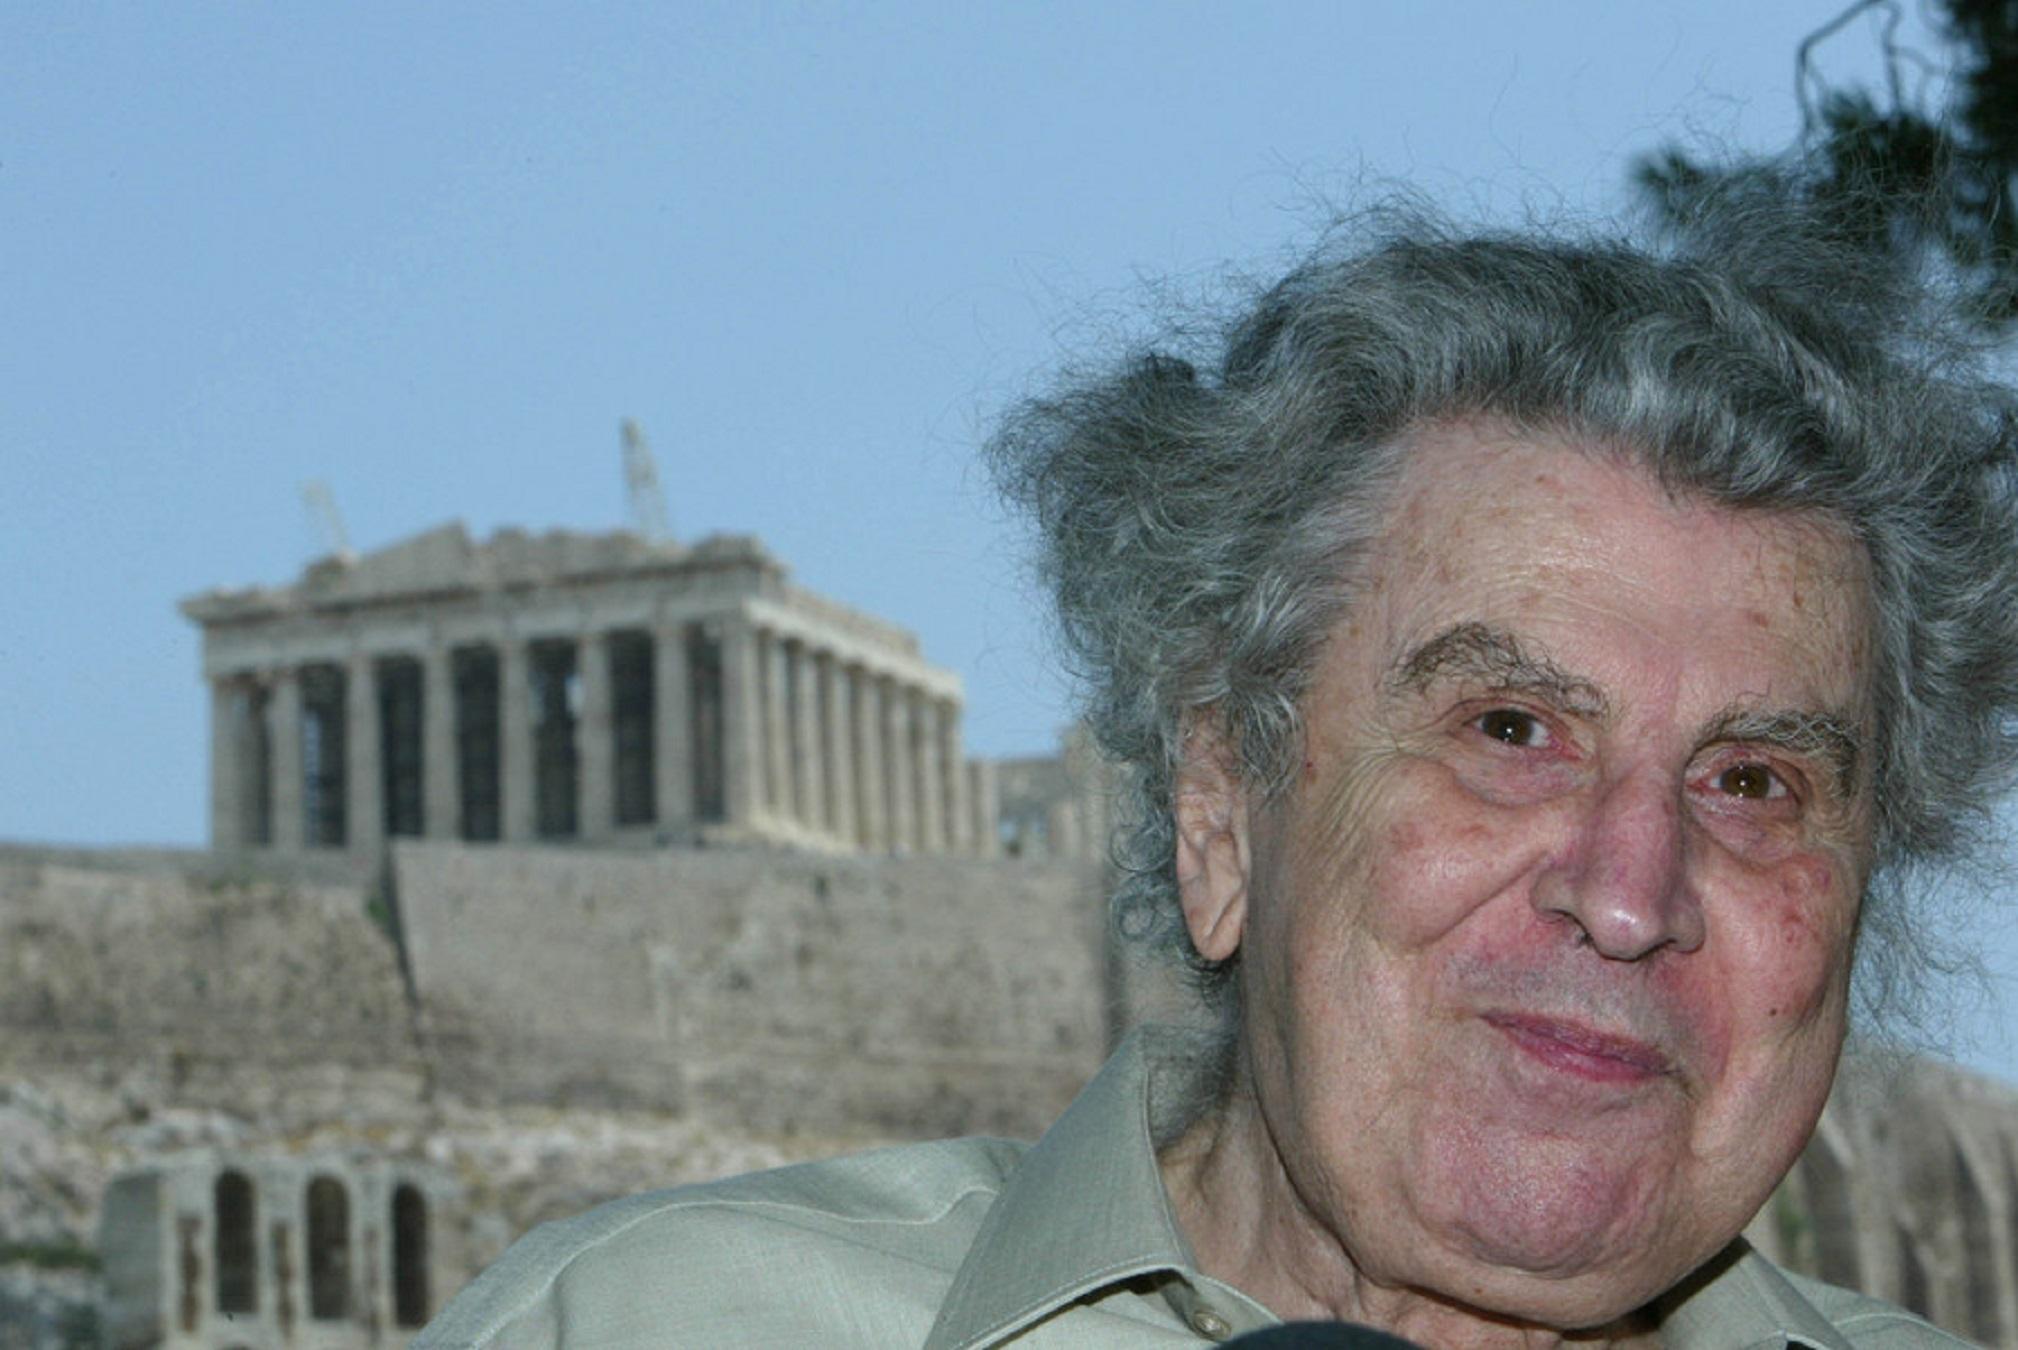 Μίκης Θεοδωράκης: Ο ήλιος της Ελλάδας που θα φωτίζει πάντα – Της Ρωμιοσύνης ο αντρειωμένος